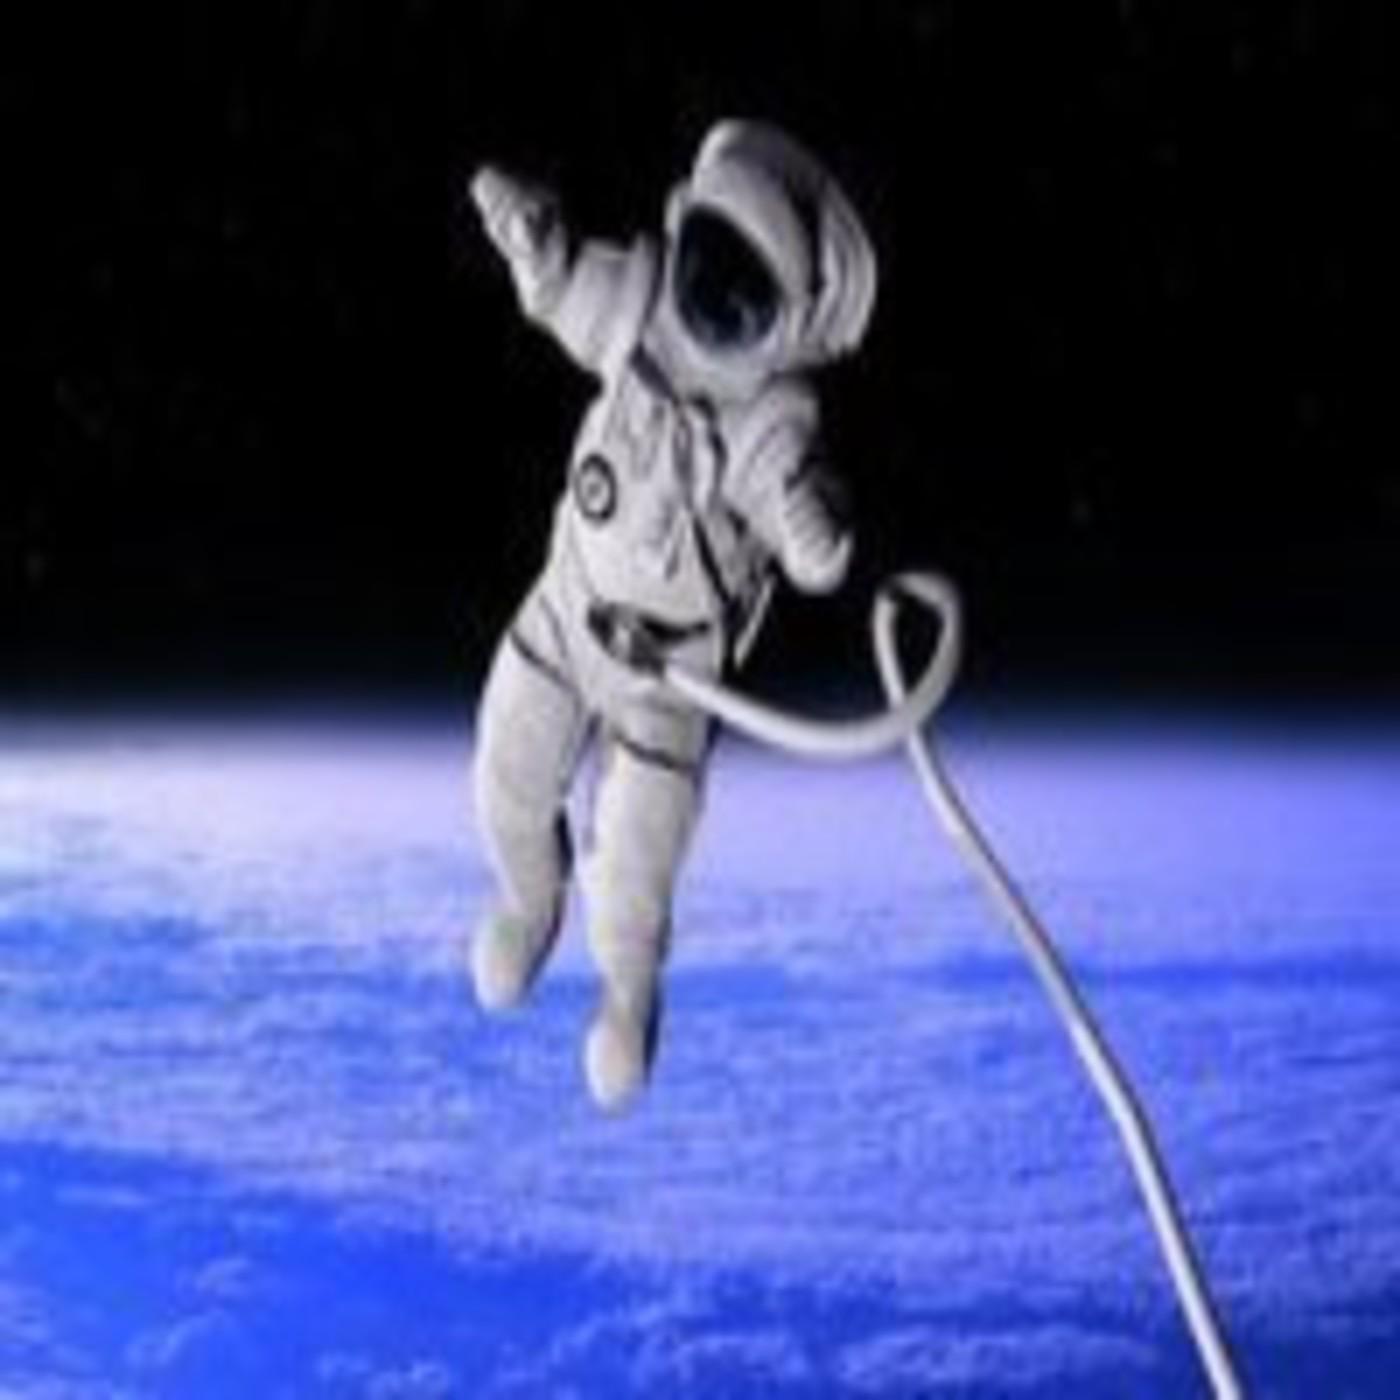 Programa 105 - ¿Cuántos terrícolas hay en el espacio?